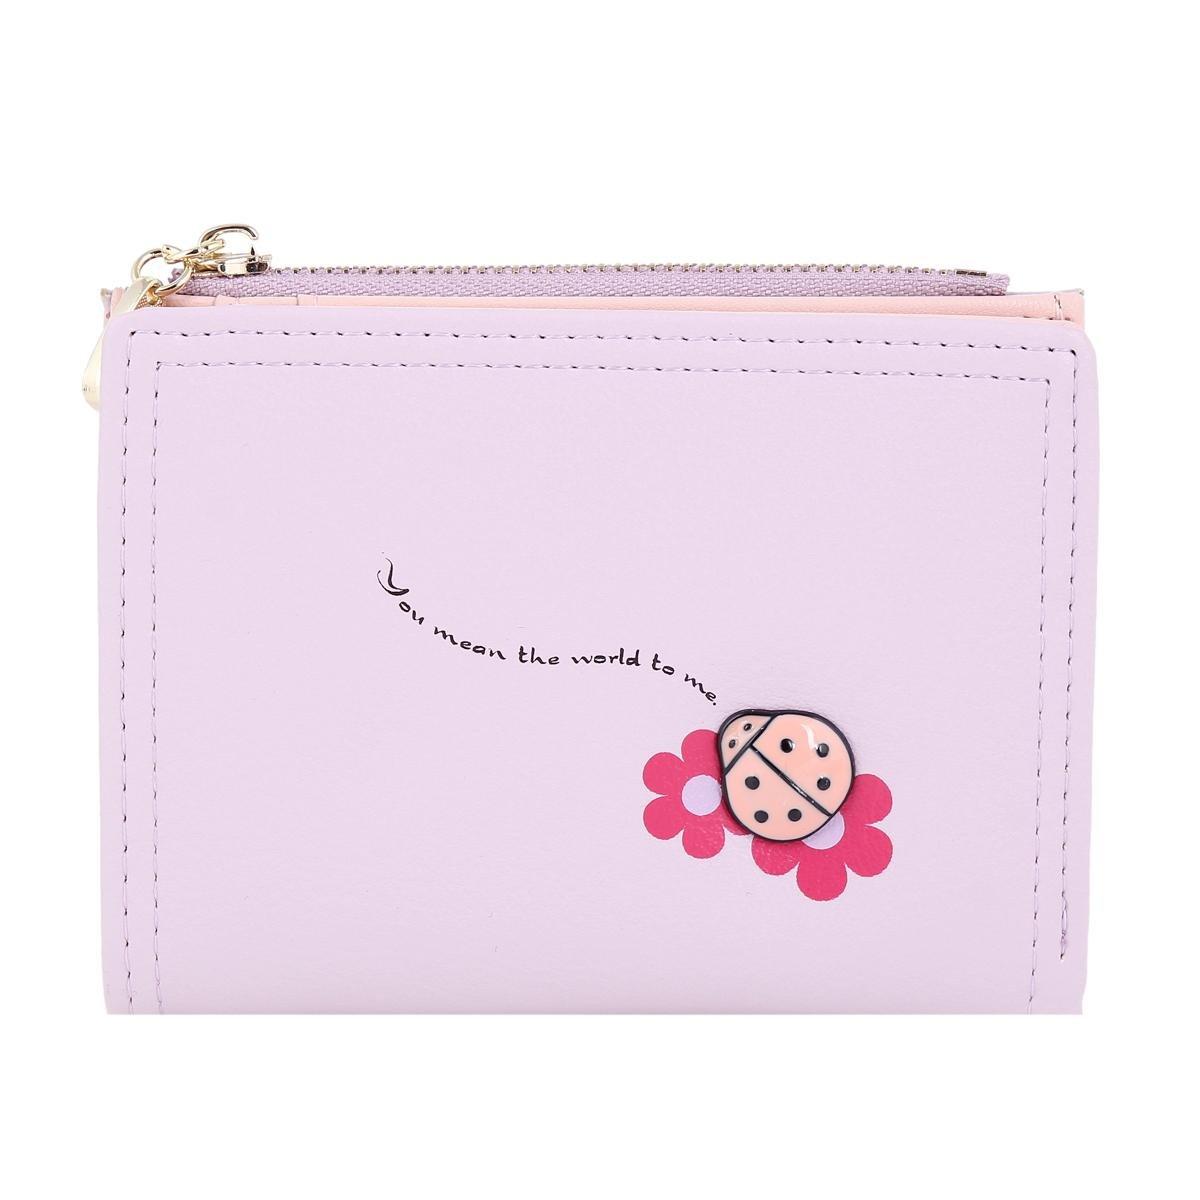 Damara ガールズ 小型 テントウむし飾り 花柄 コインケース 財布 B01DG05L7C パープル